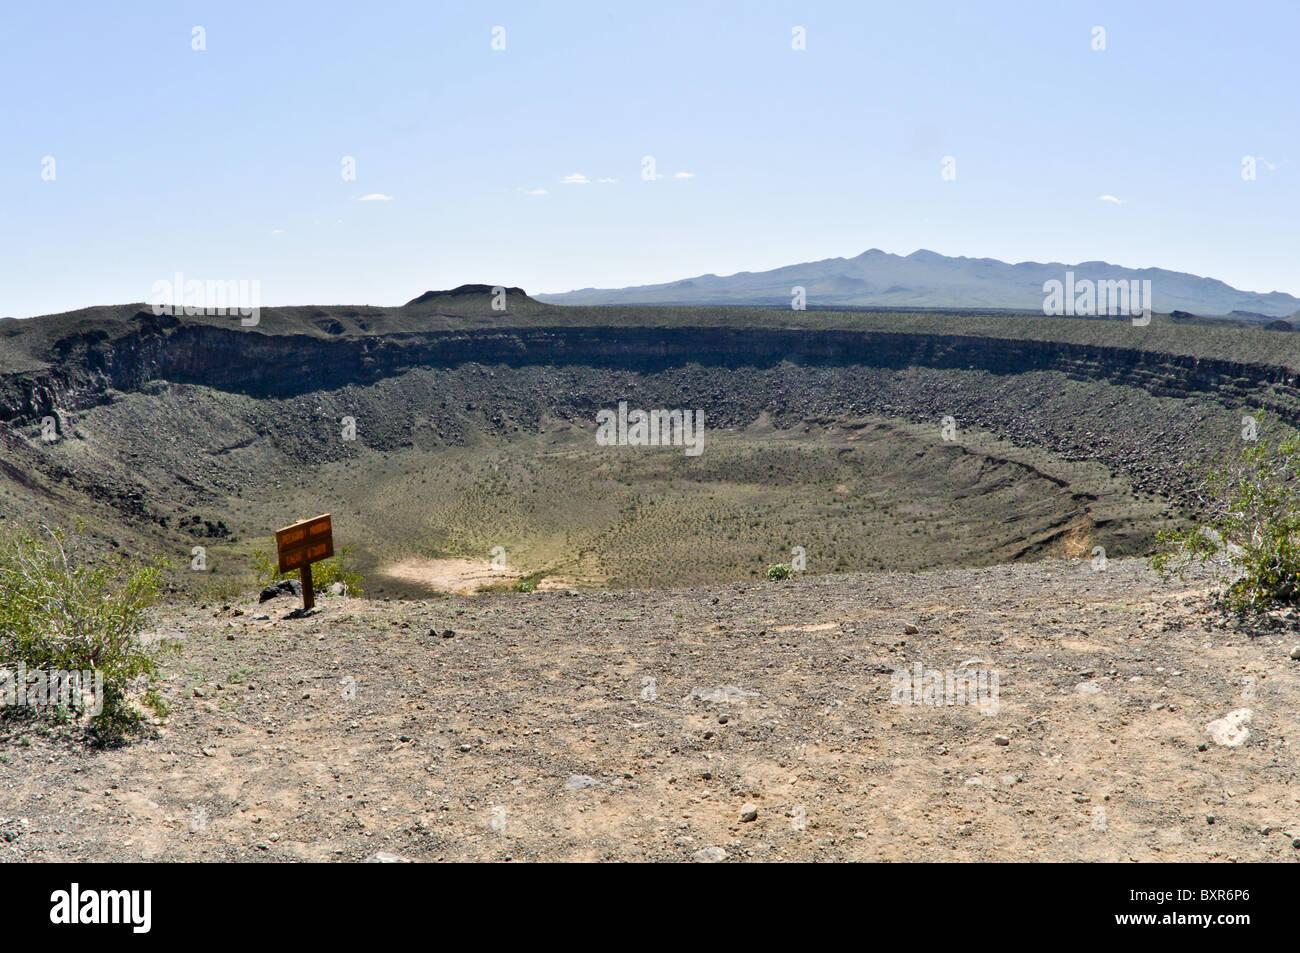 Elegante cratere, un maar cratere, El Pinacate Riserva della Biosfera area vulcanica, Sonora, Messico Immagini Stock